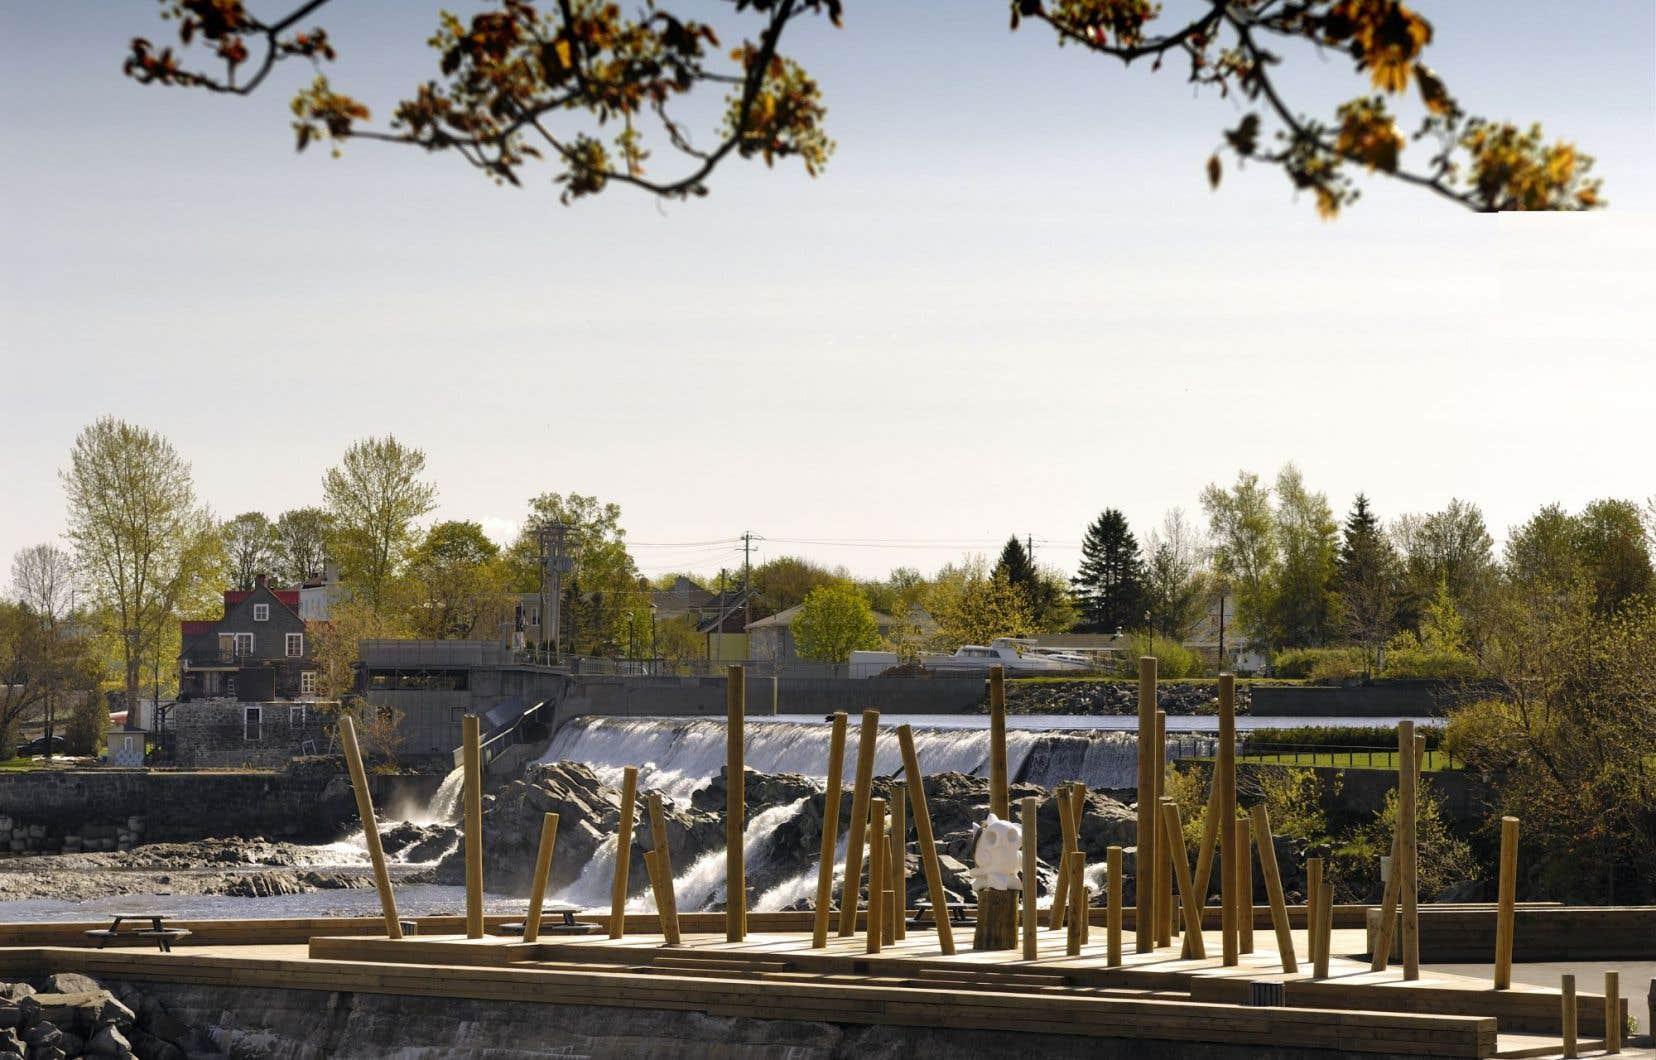 Le quai Boulanger a été transformé en promenade avec son Jardin des souches en 2009.